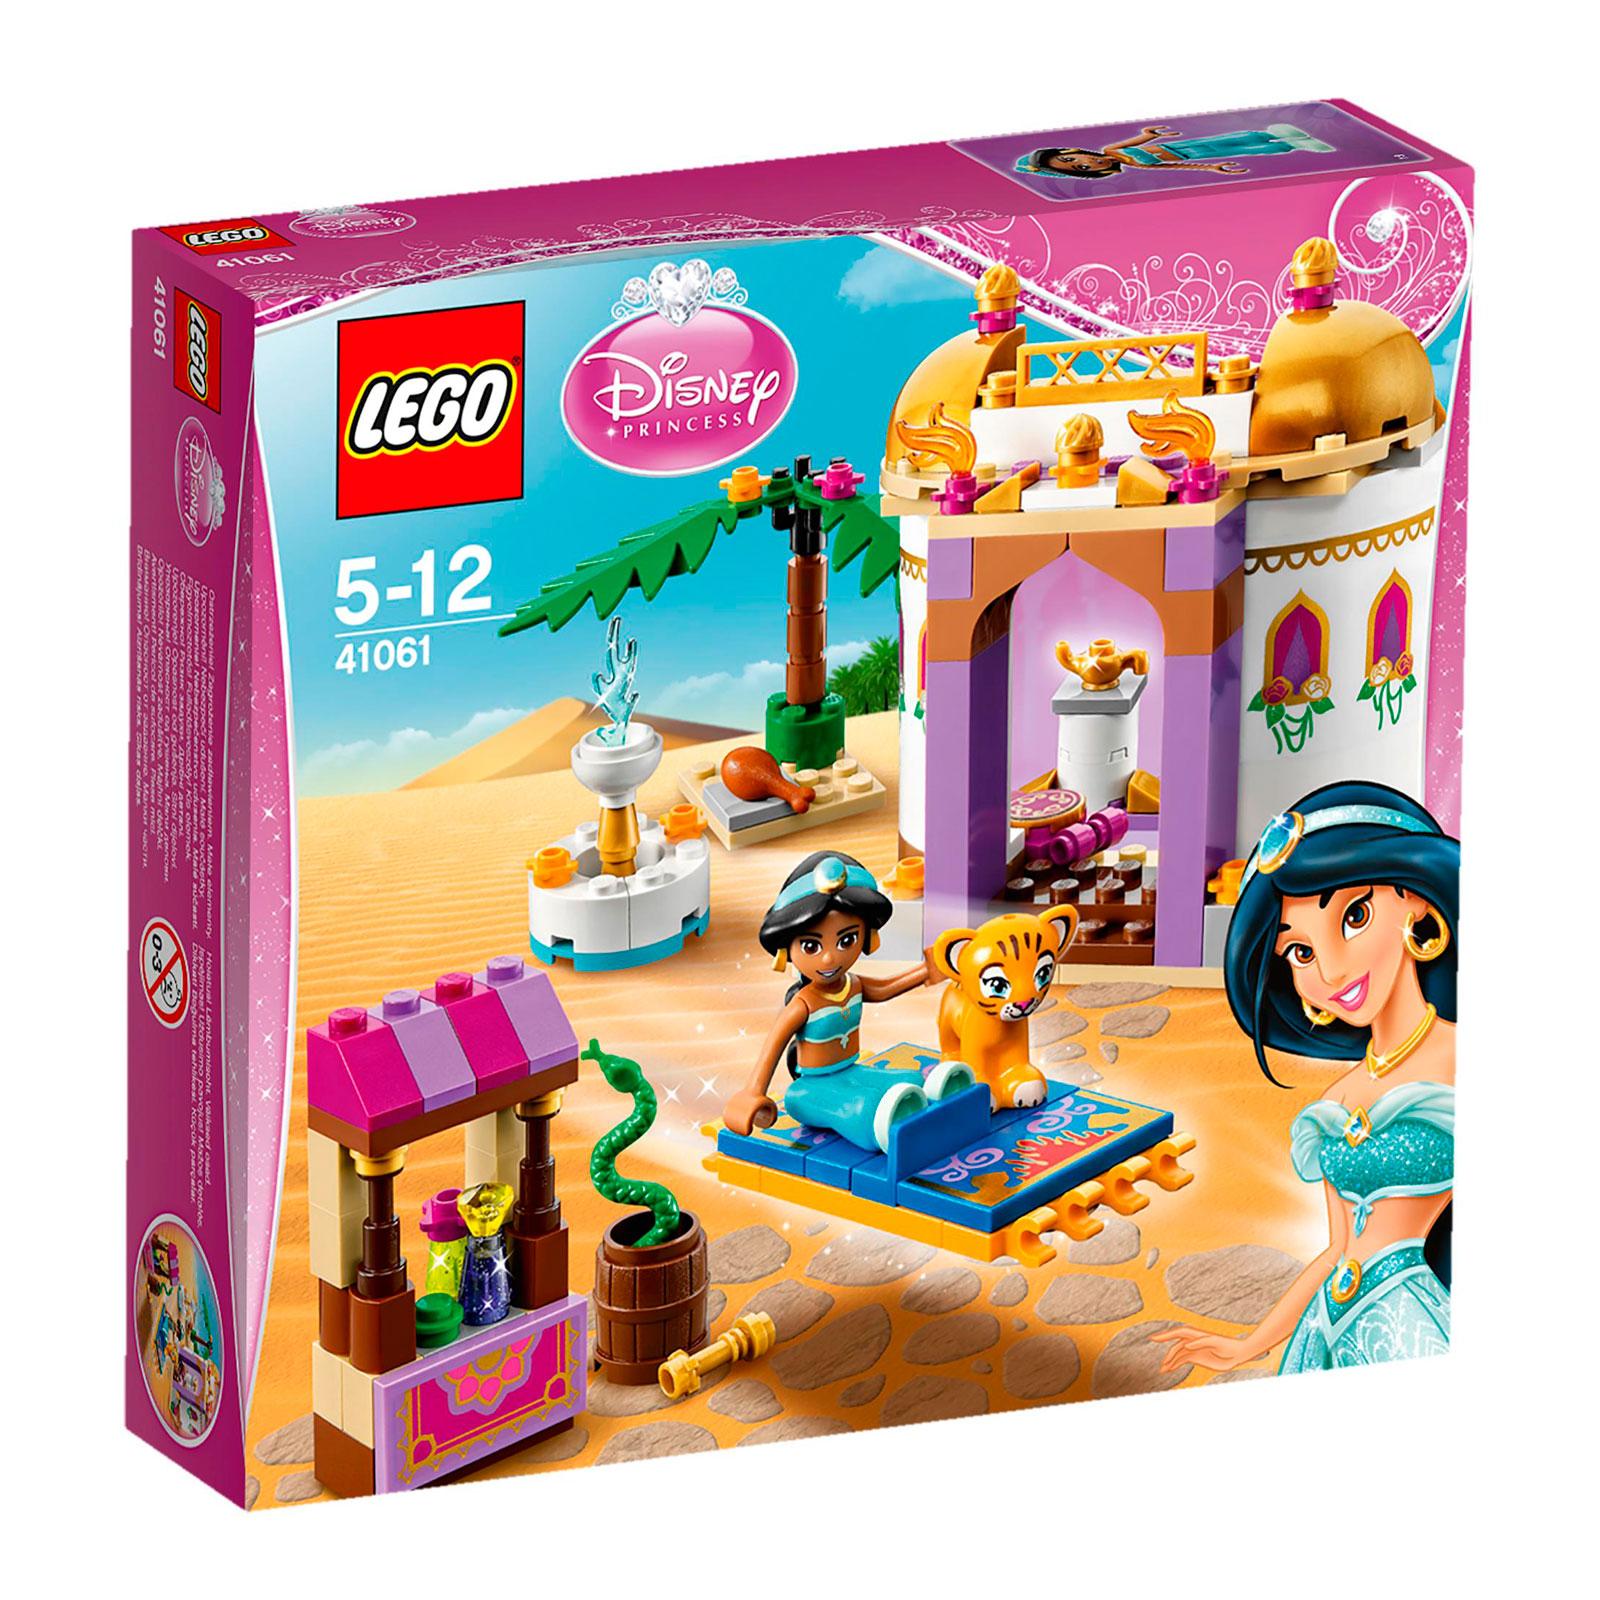 ����������� LEGO Princess 41061 ������������ ������ ������